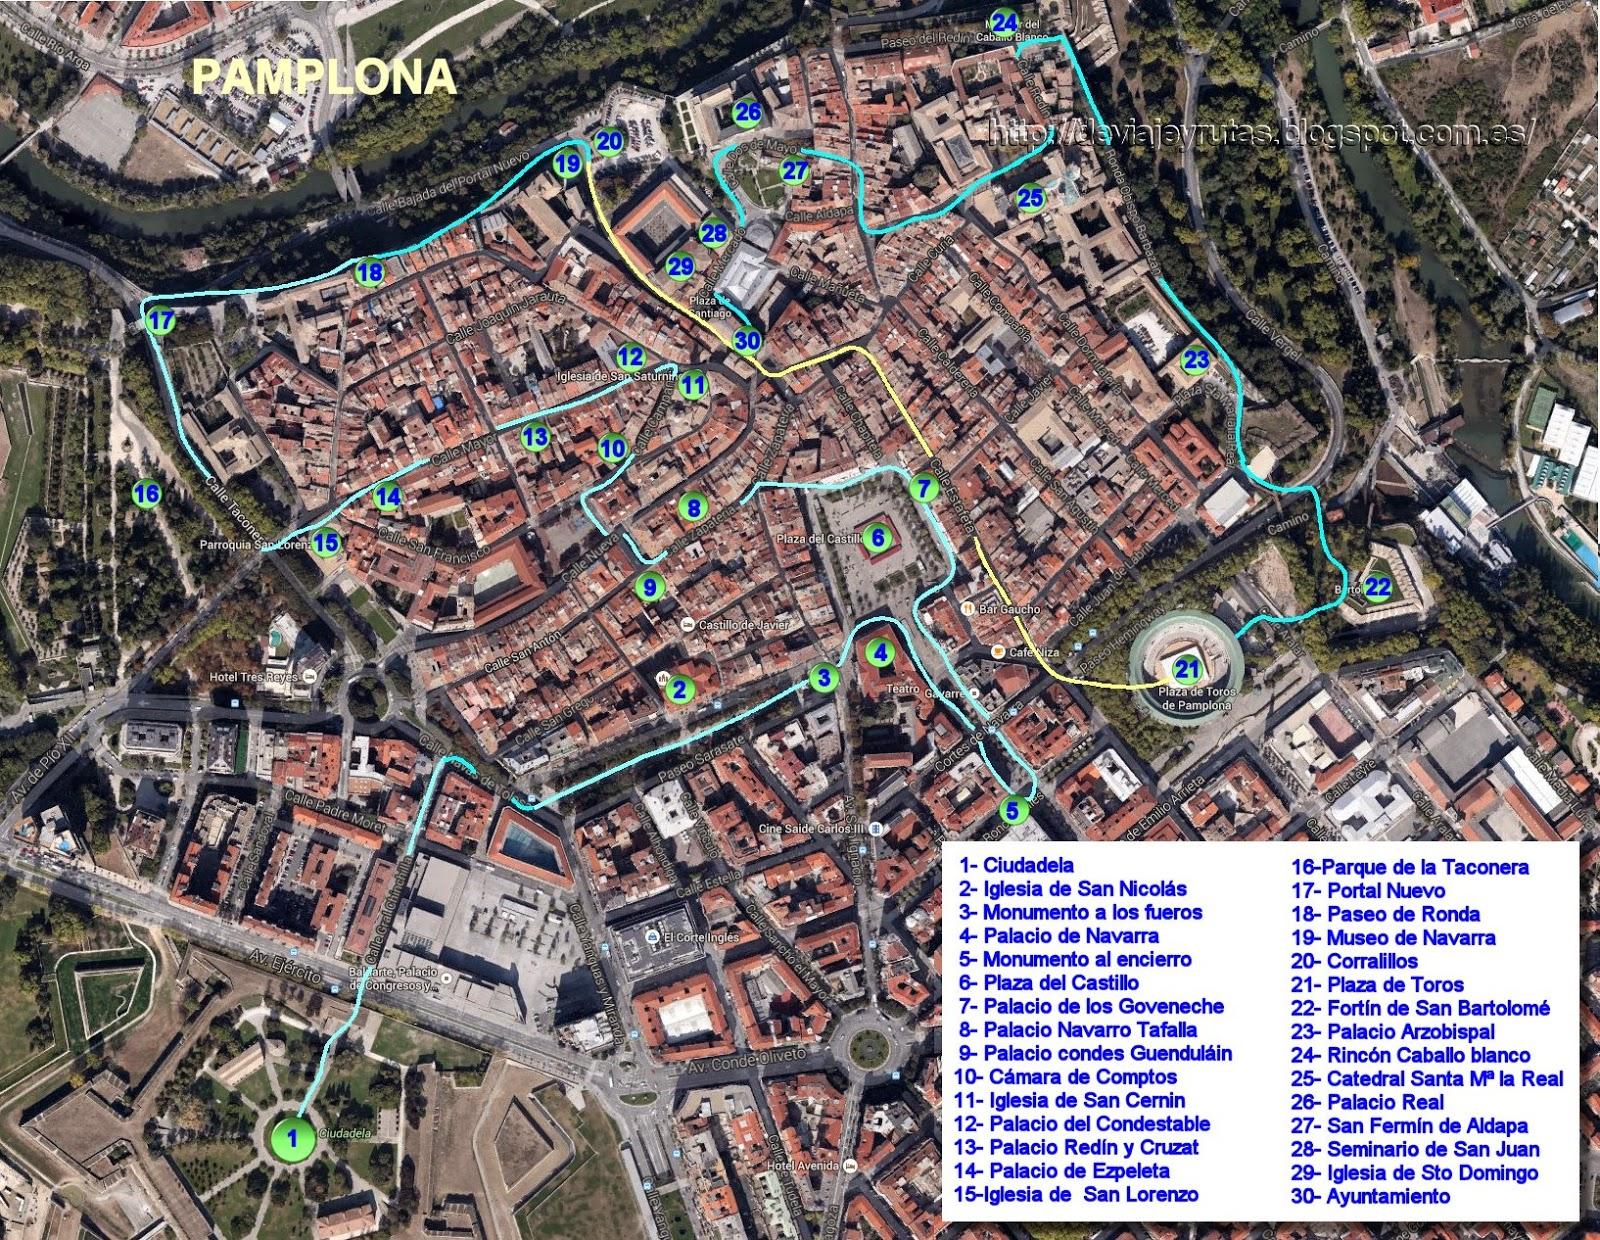 Mapa con todos los puntos turísticos de Pamplona